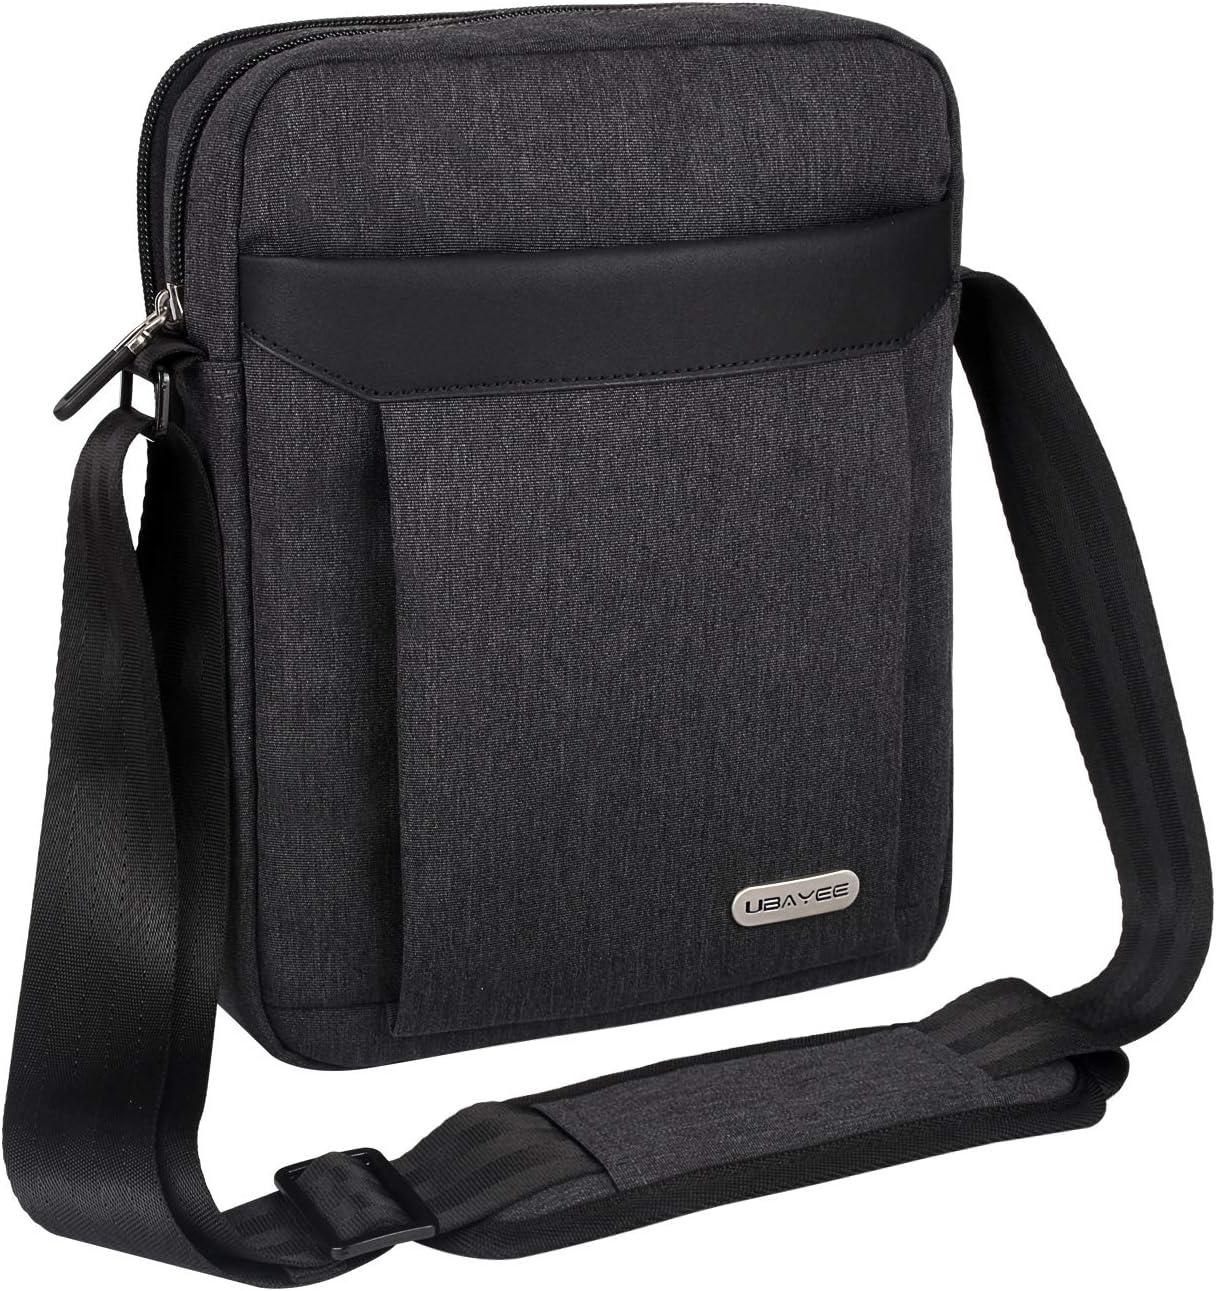 UBAYEE Bolso Hombre Bandolera para iPad y Tablet hasta 11 Pulgadas, Bolsa Hombro de Viaje - Negro